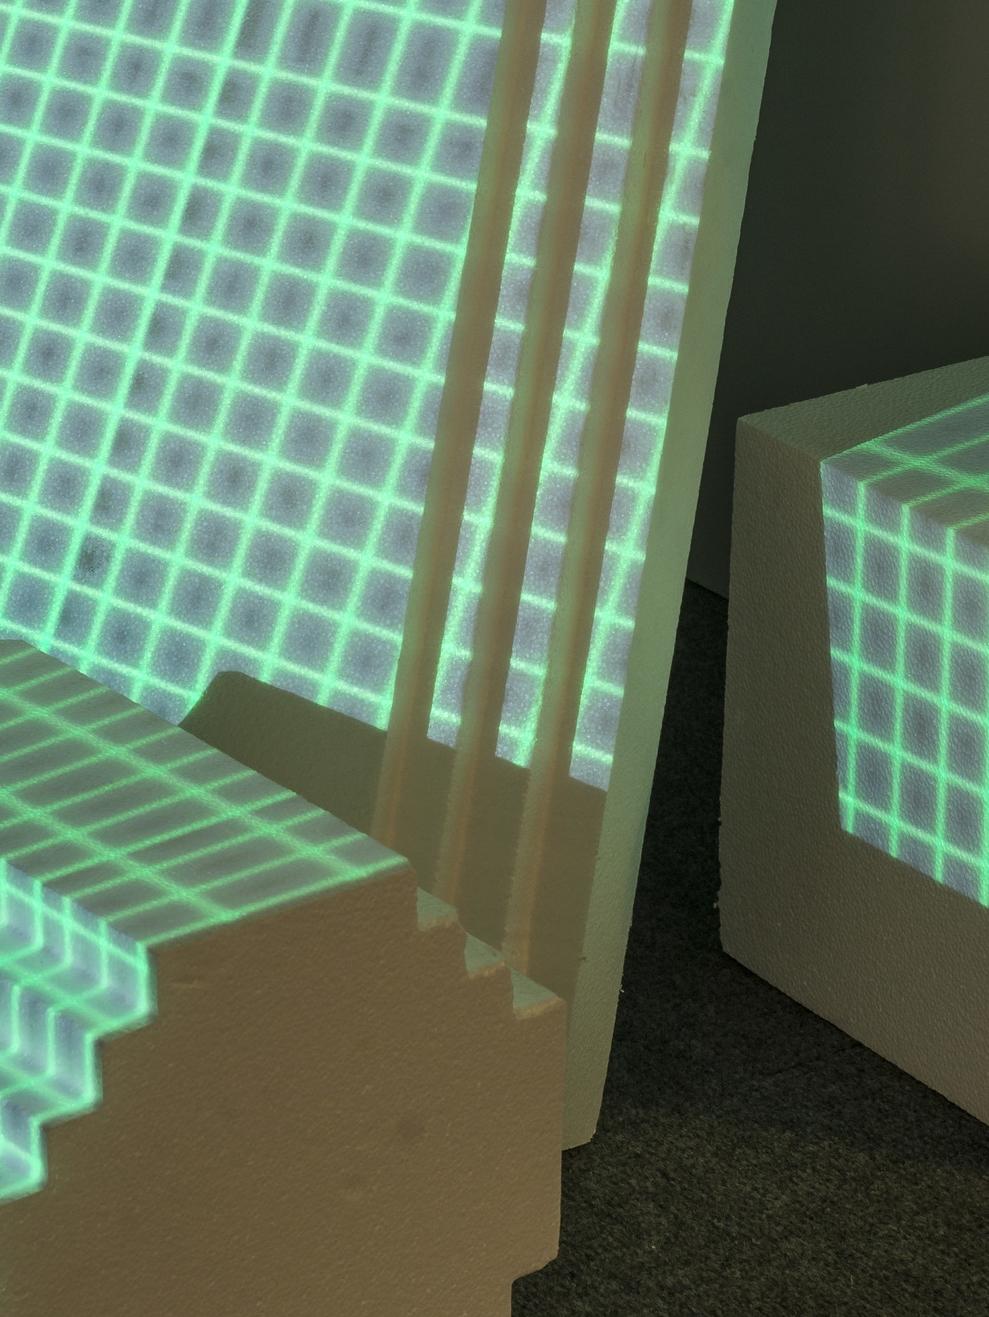 Rafael Foster  The Grid , 2015 Projection, foam